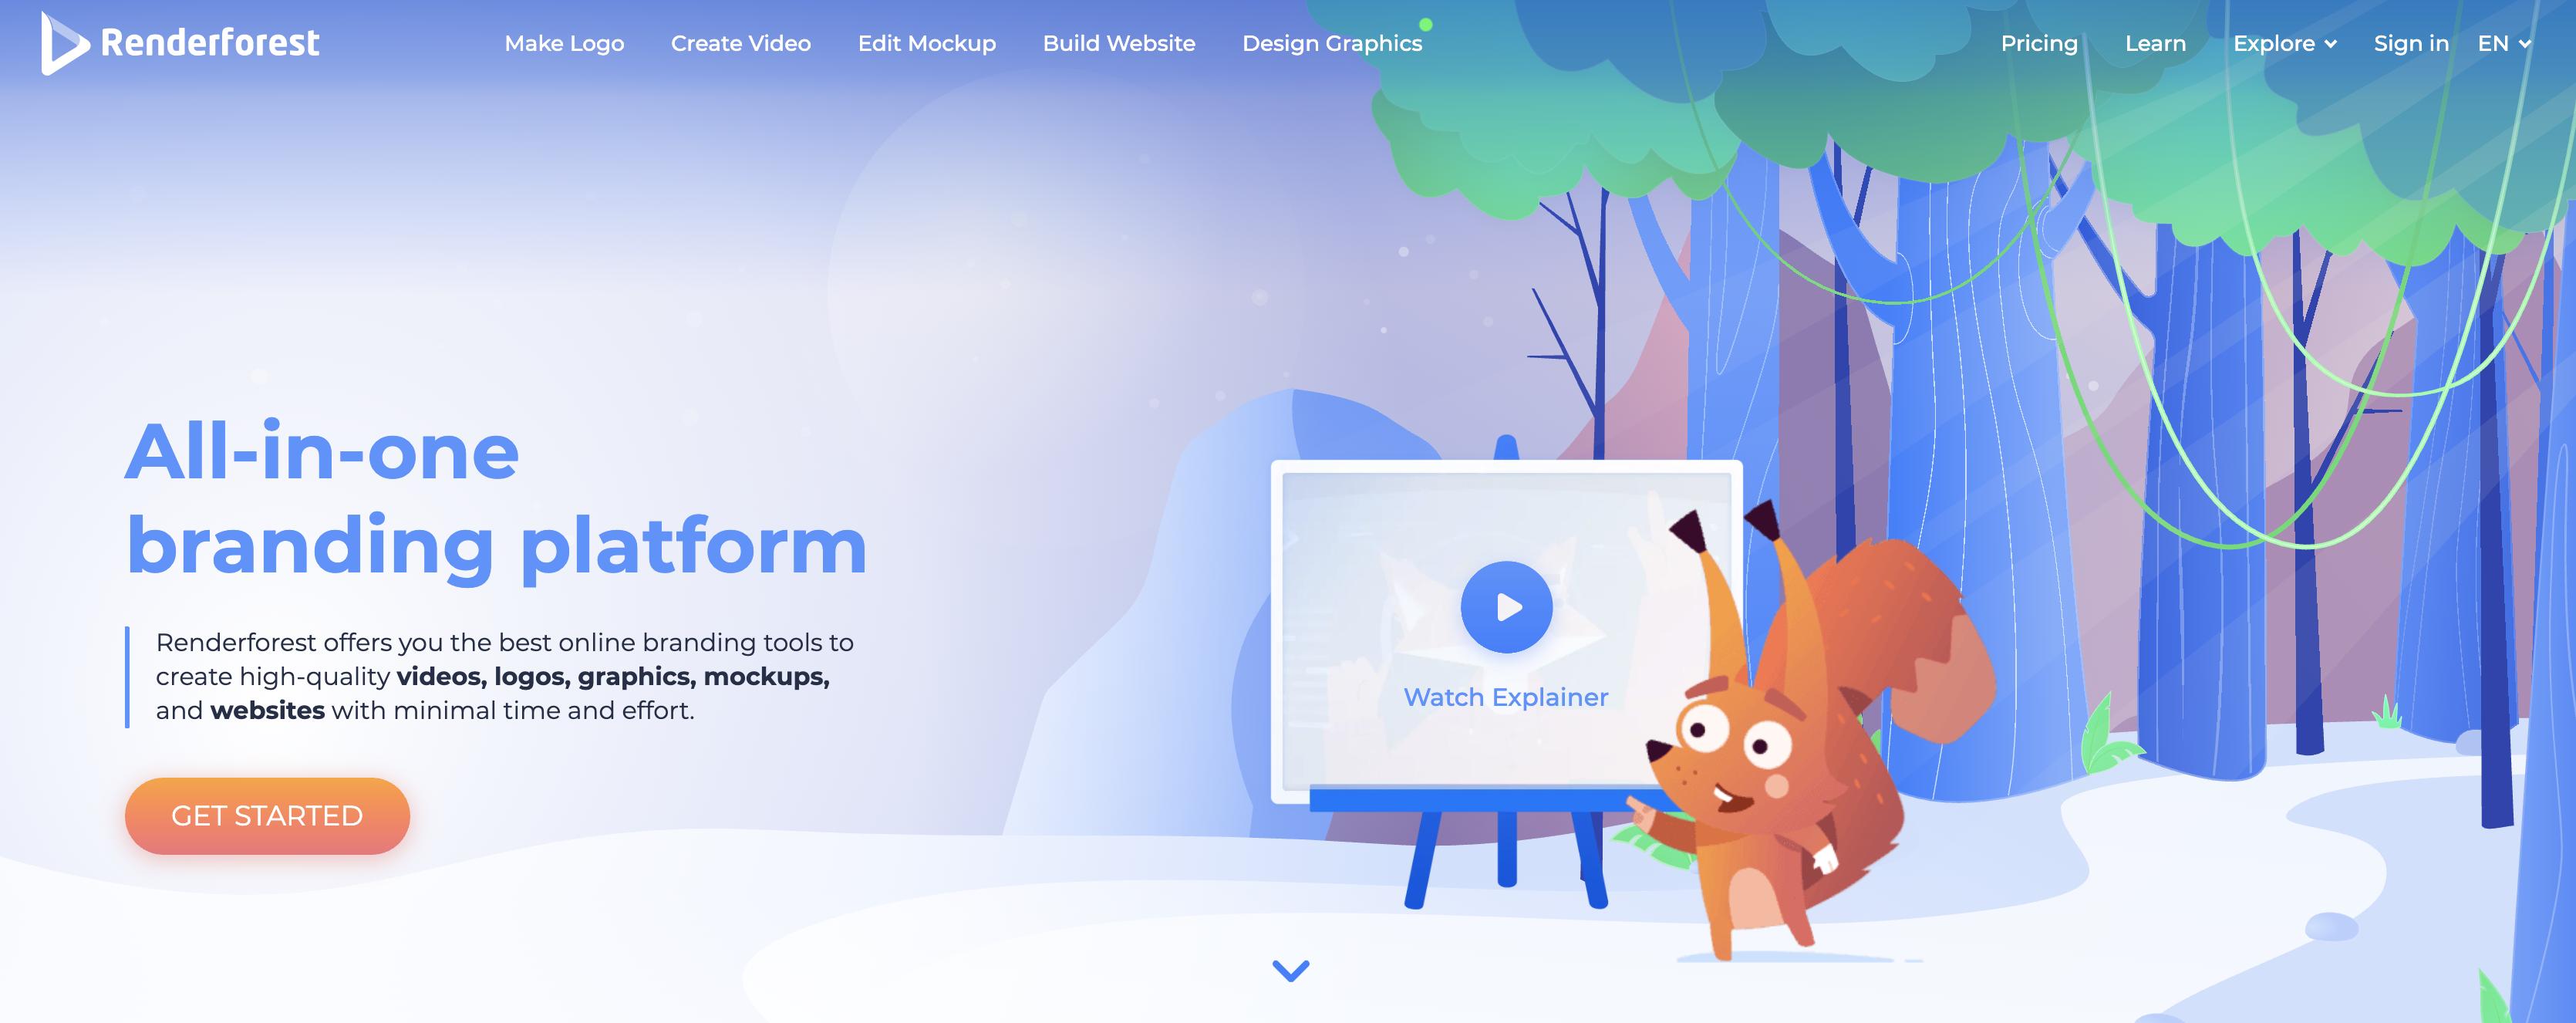 Renderforest homepage screenshot